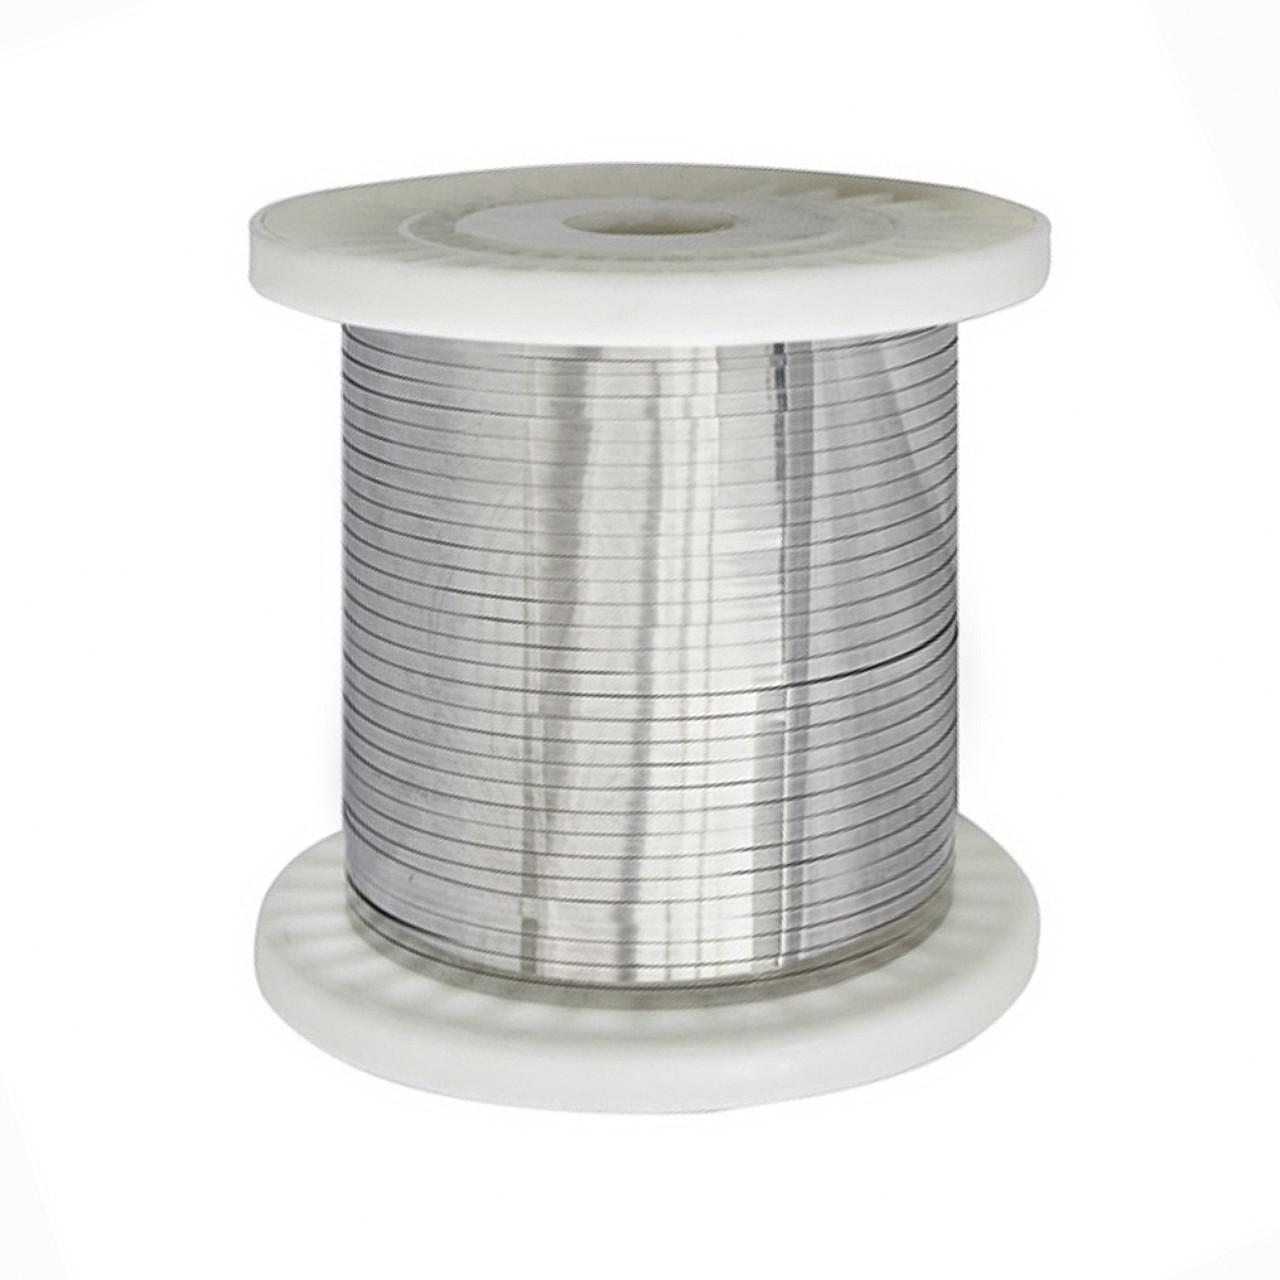 Нихромовая лента ширина 2 мм толщина 0.2 мм Х20Н80 PRC